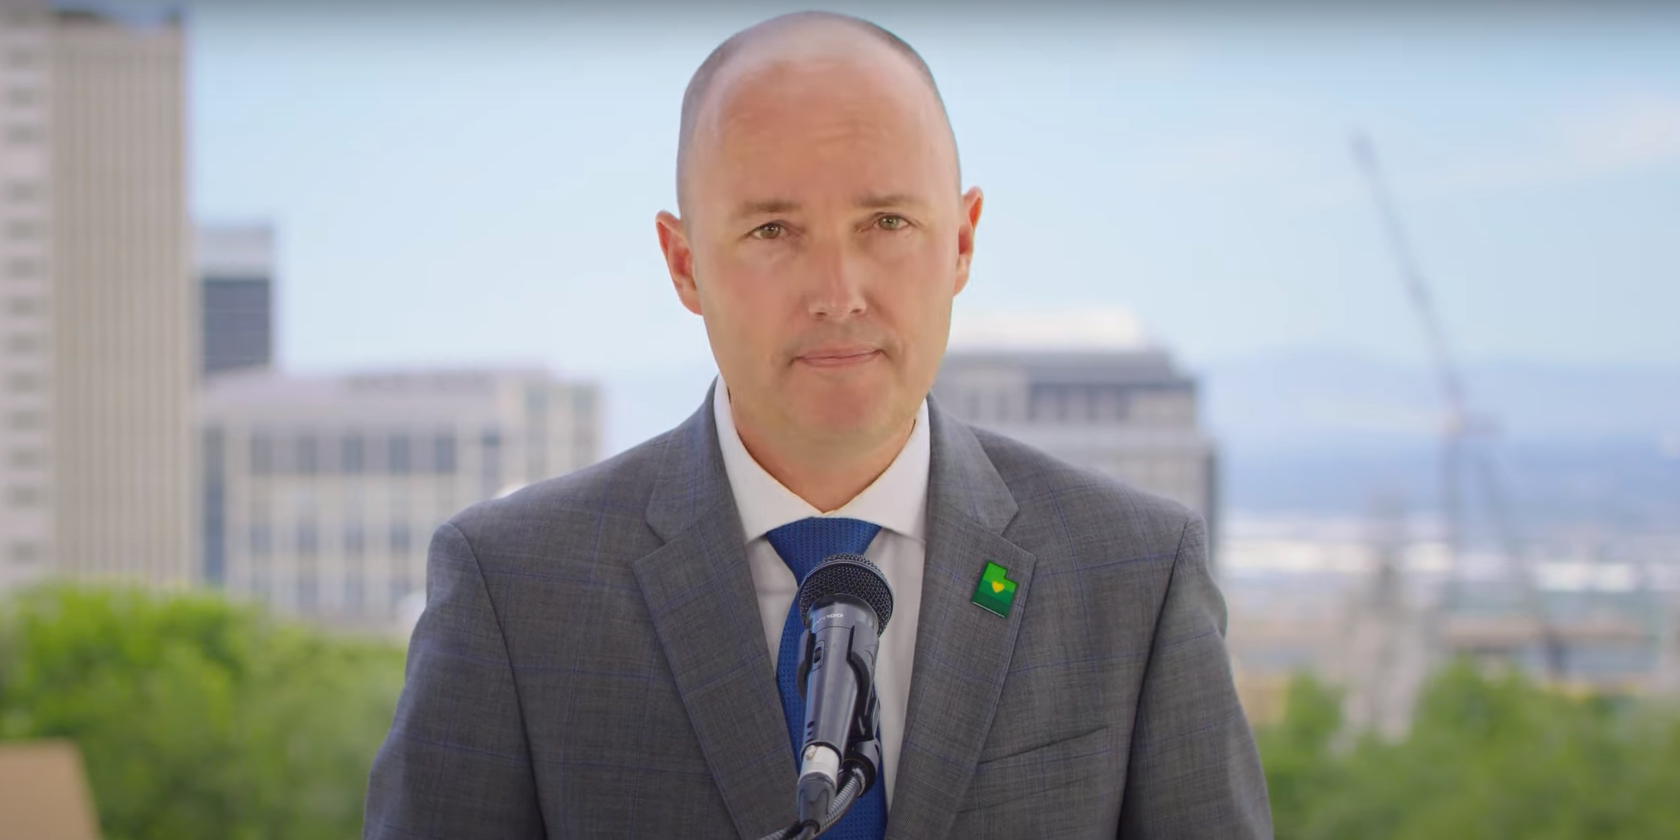 فرماندار یوتا در حال تصویب لایحه ای برای فیلتر کردن پورنوگرافی است ، او می خواهد ایالات بیشتری را دنبال کنند